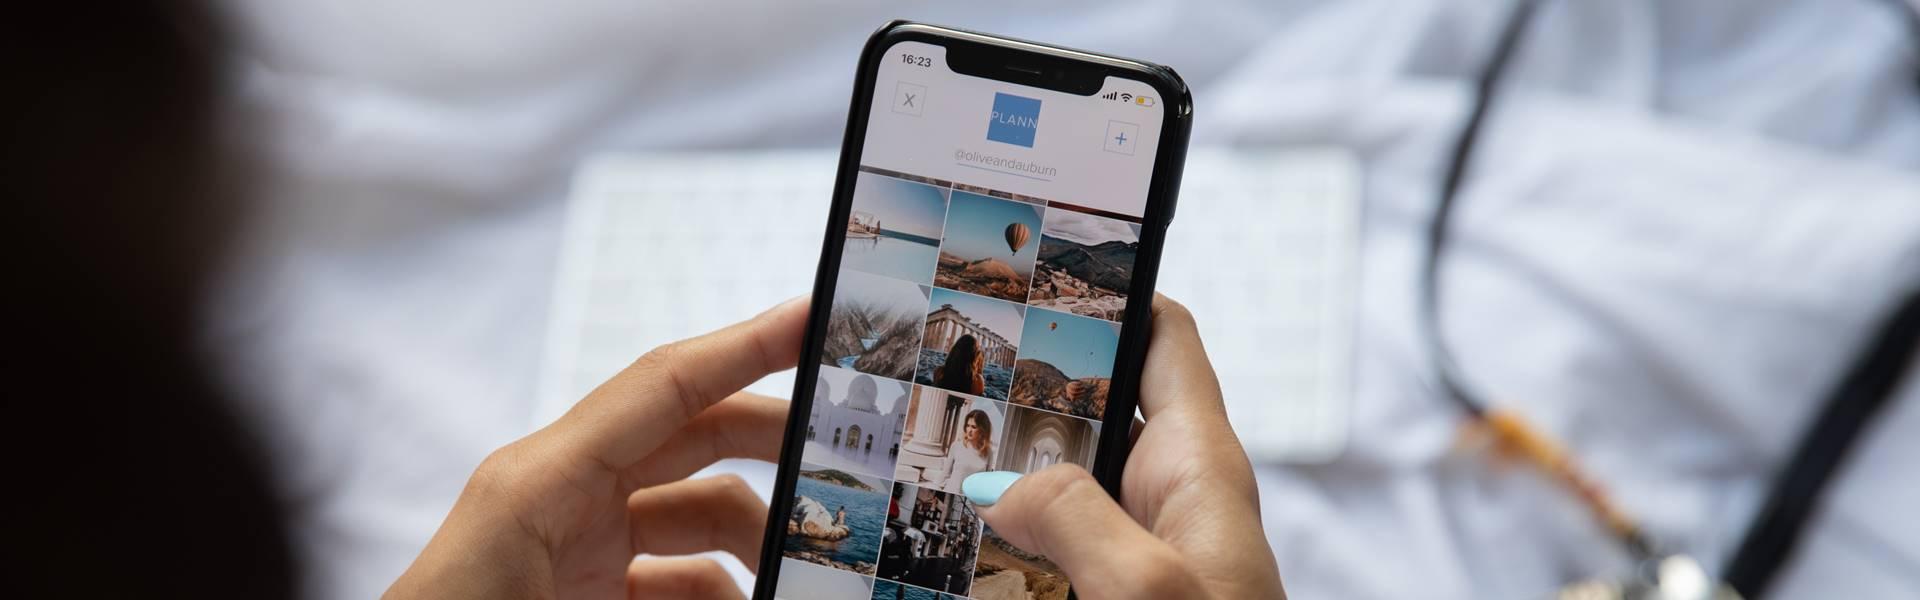 Как разместить рекламу в Инстаграм